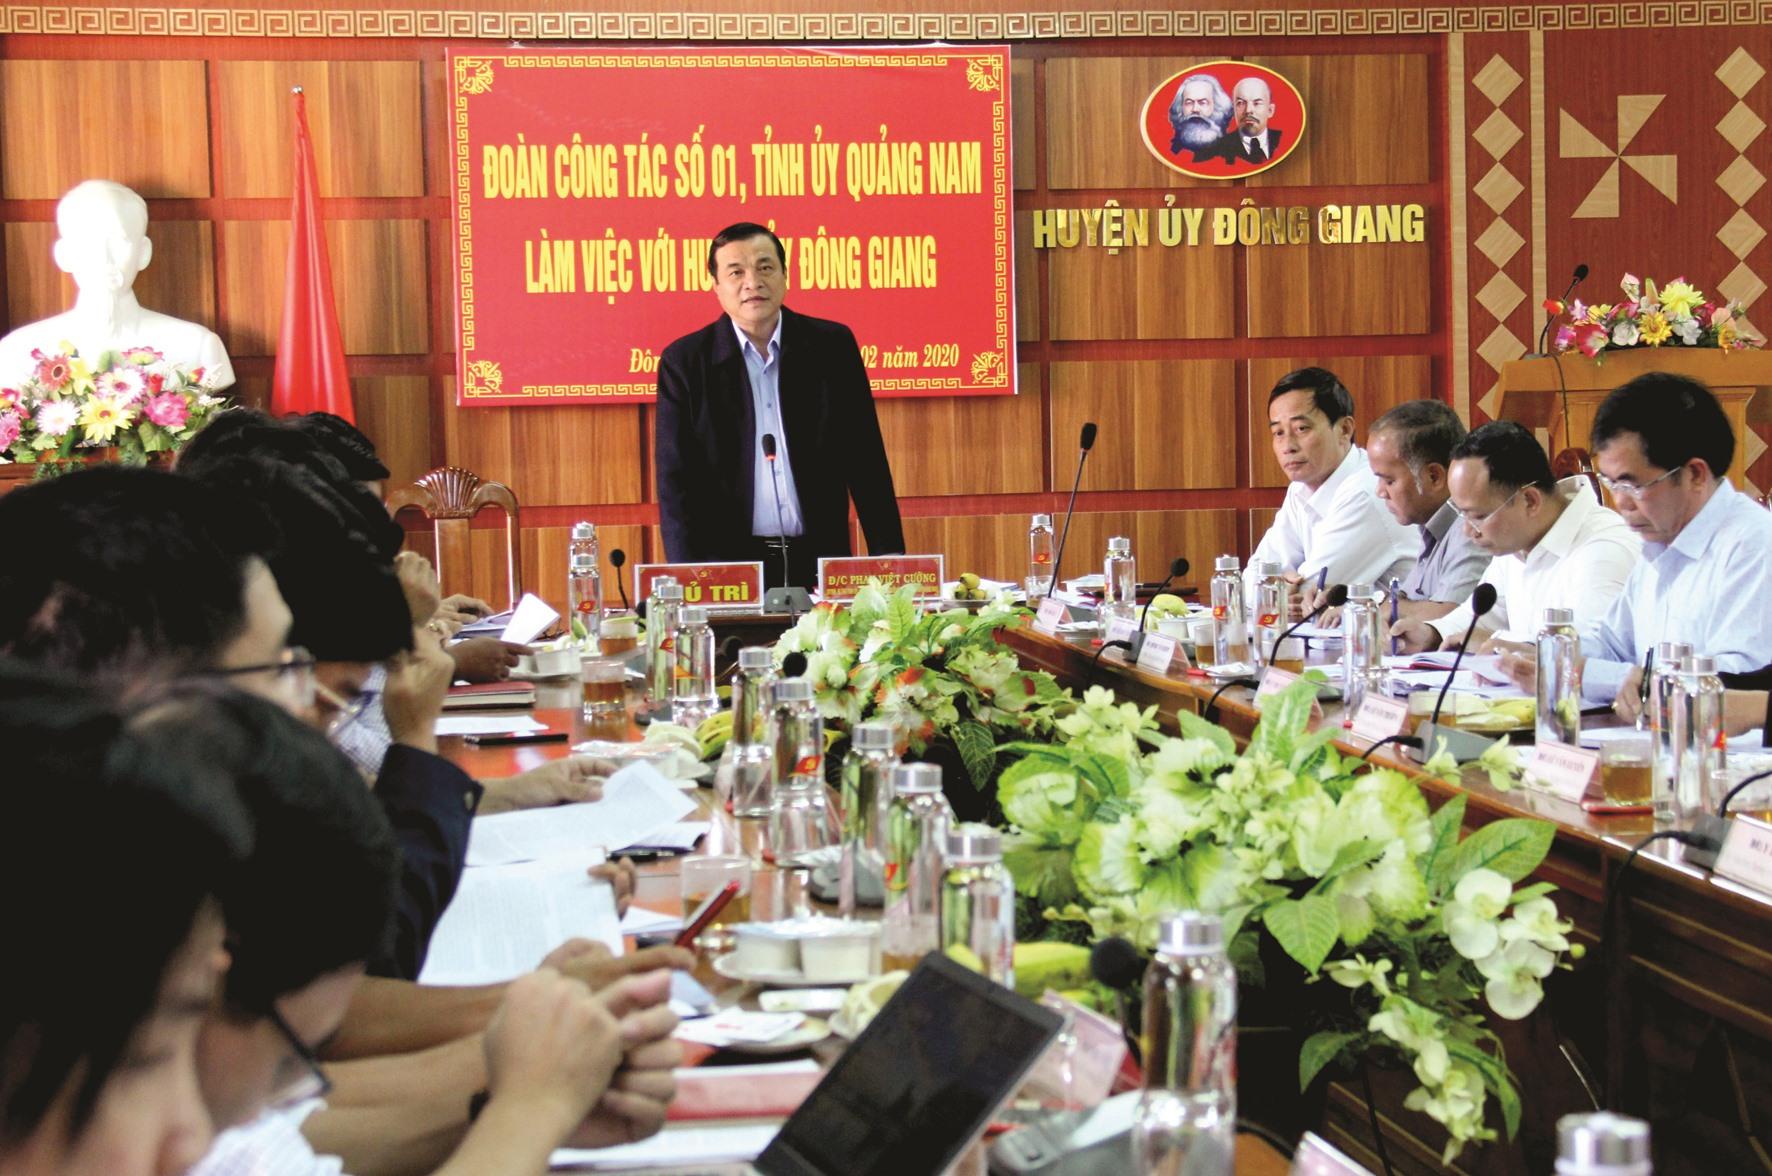 Đoàn công tác của Tỉnh ủy làm việc với Huyện ủy Đông Giang liên quan đến công tác chuẩn bị Đại hội Đảng các cấp, nhiệm kỳ 2020 - 2025. Ảnh: ALĂNG NGƯỚC